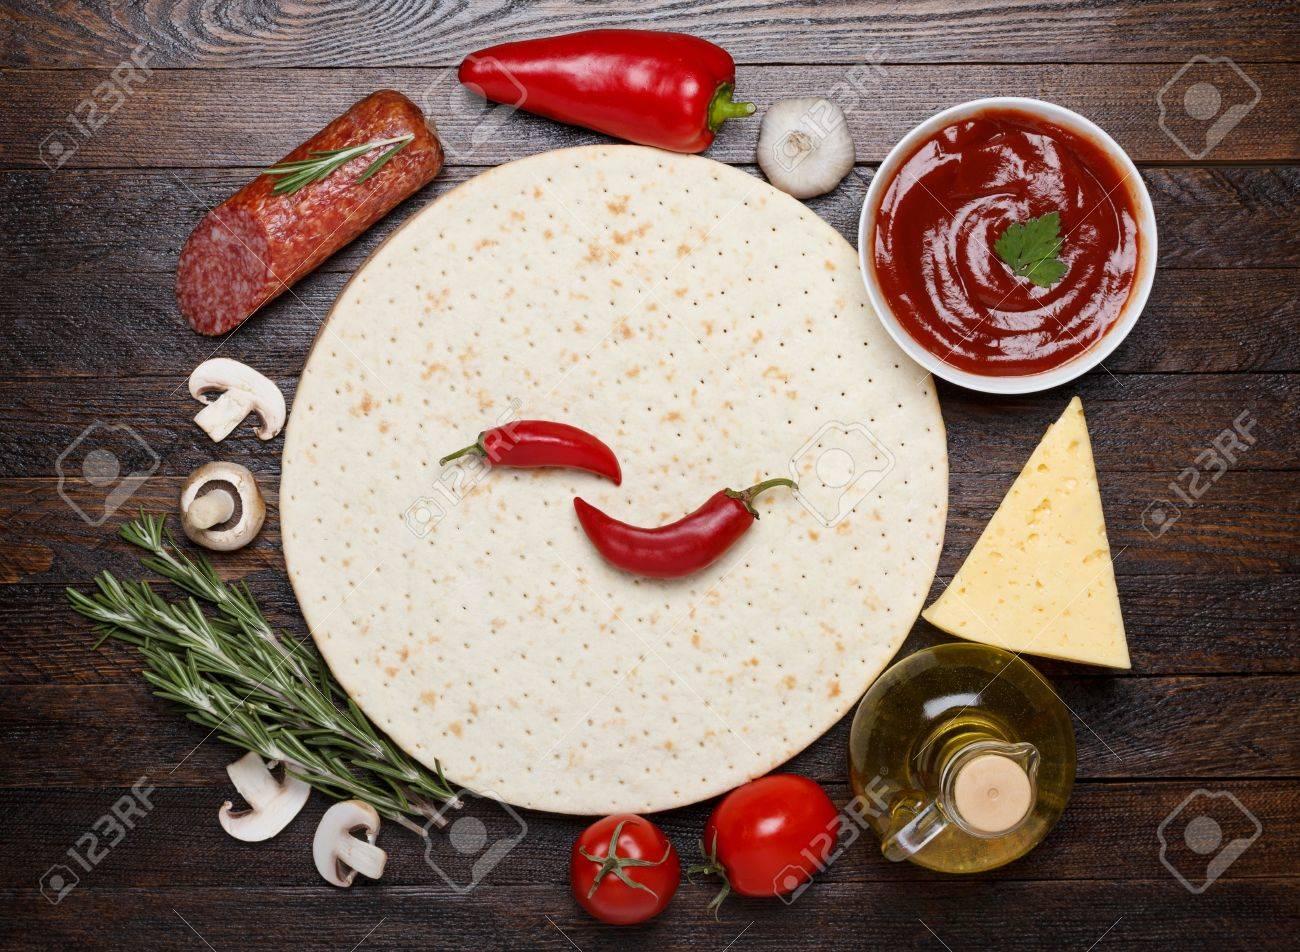 Cocinar Champiñones Frescos | Cocinar La Pizza Con Ingredientes Frescos Masa Salami Salsa